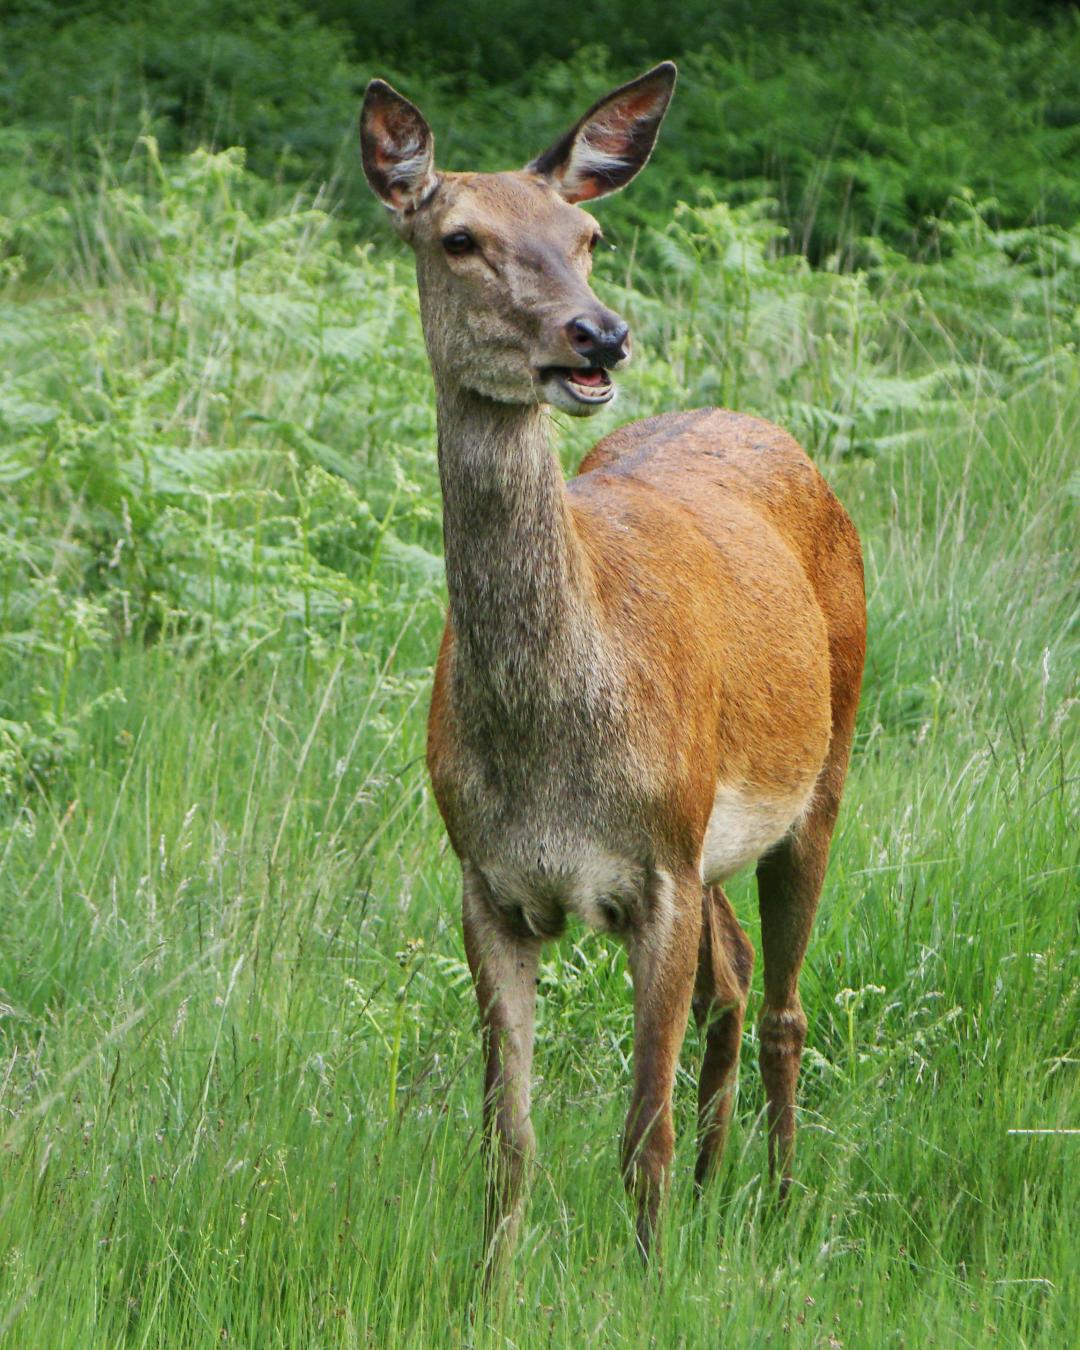 A red deer hind